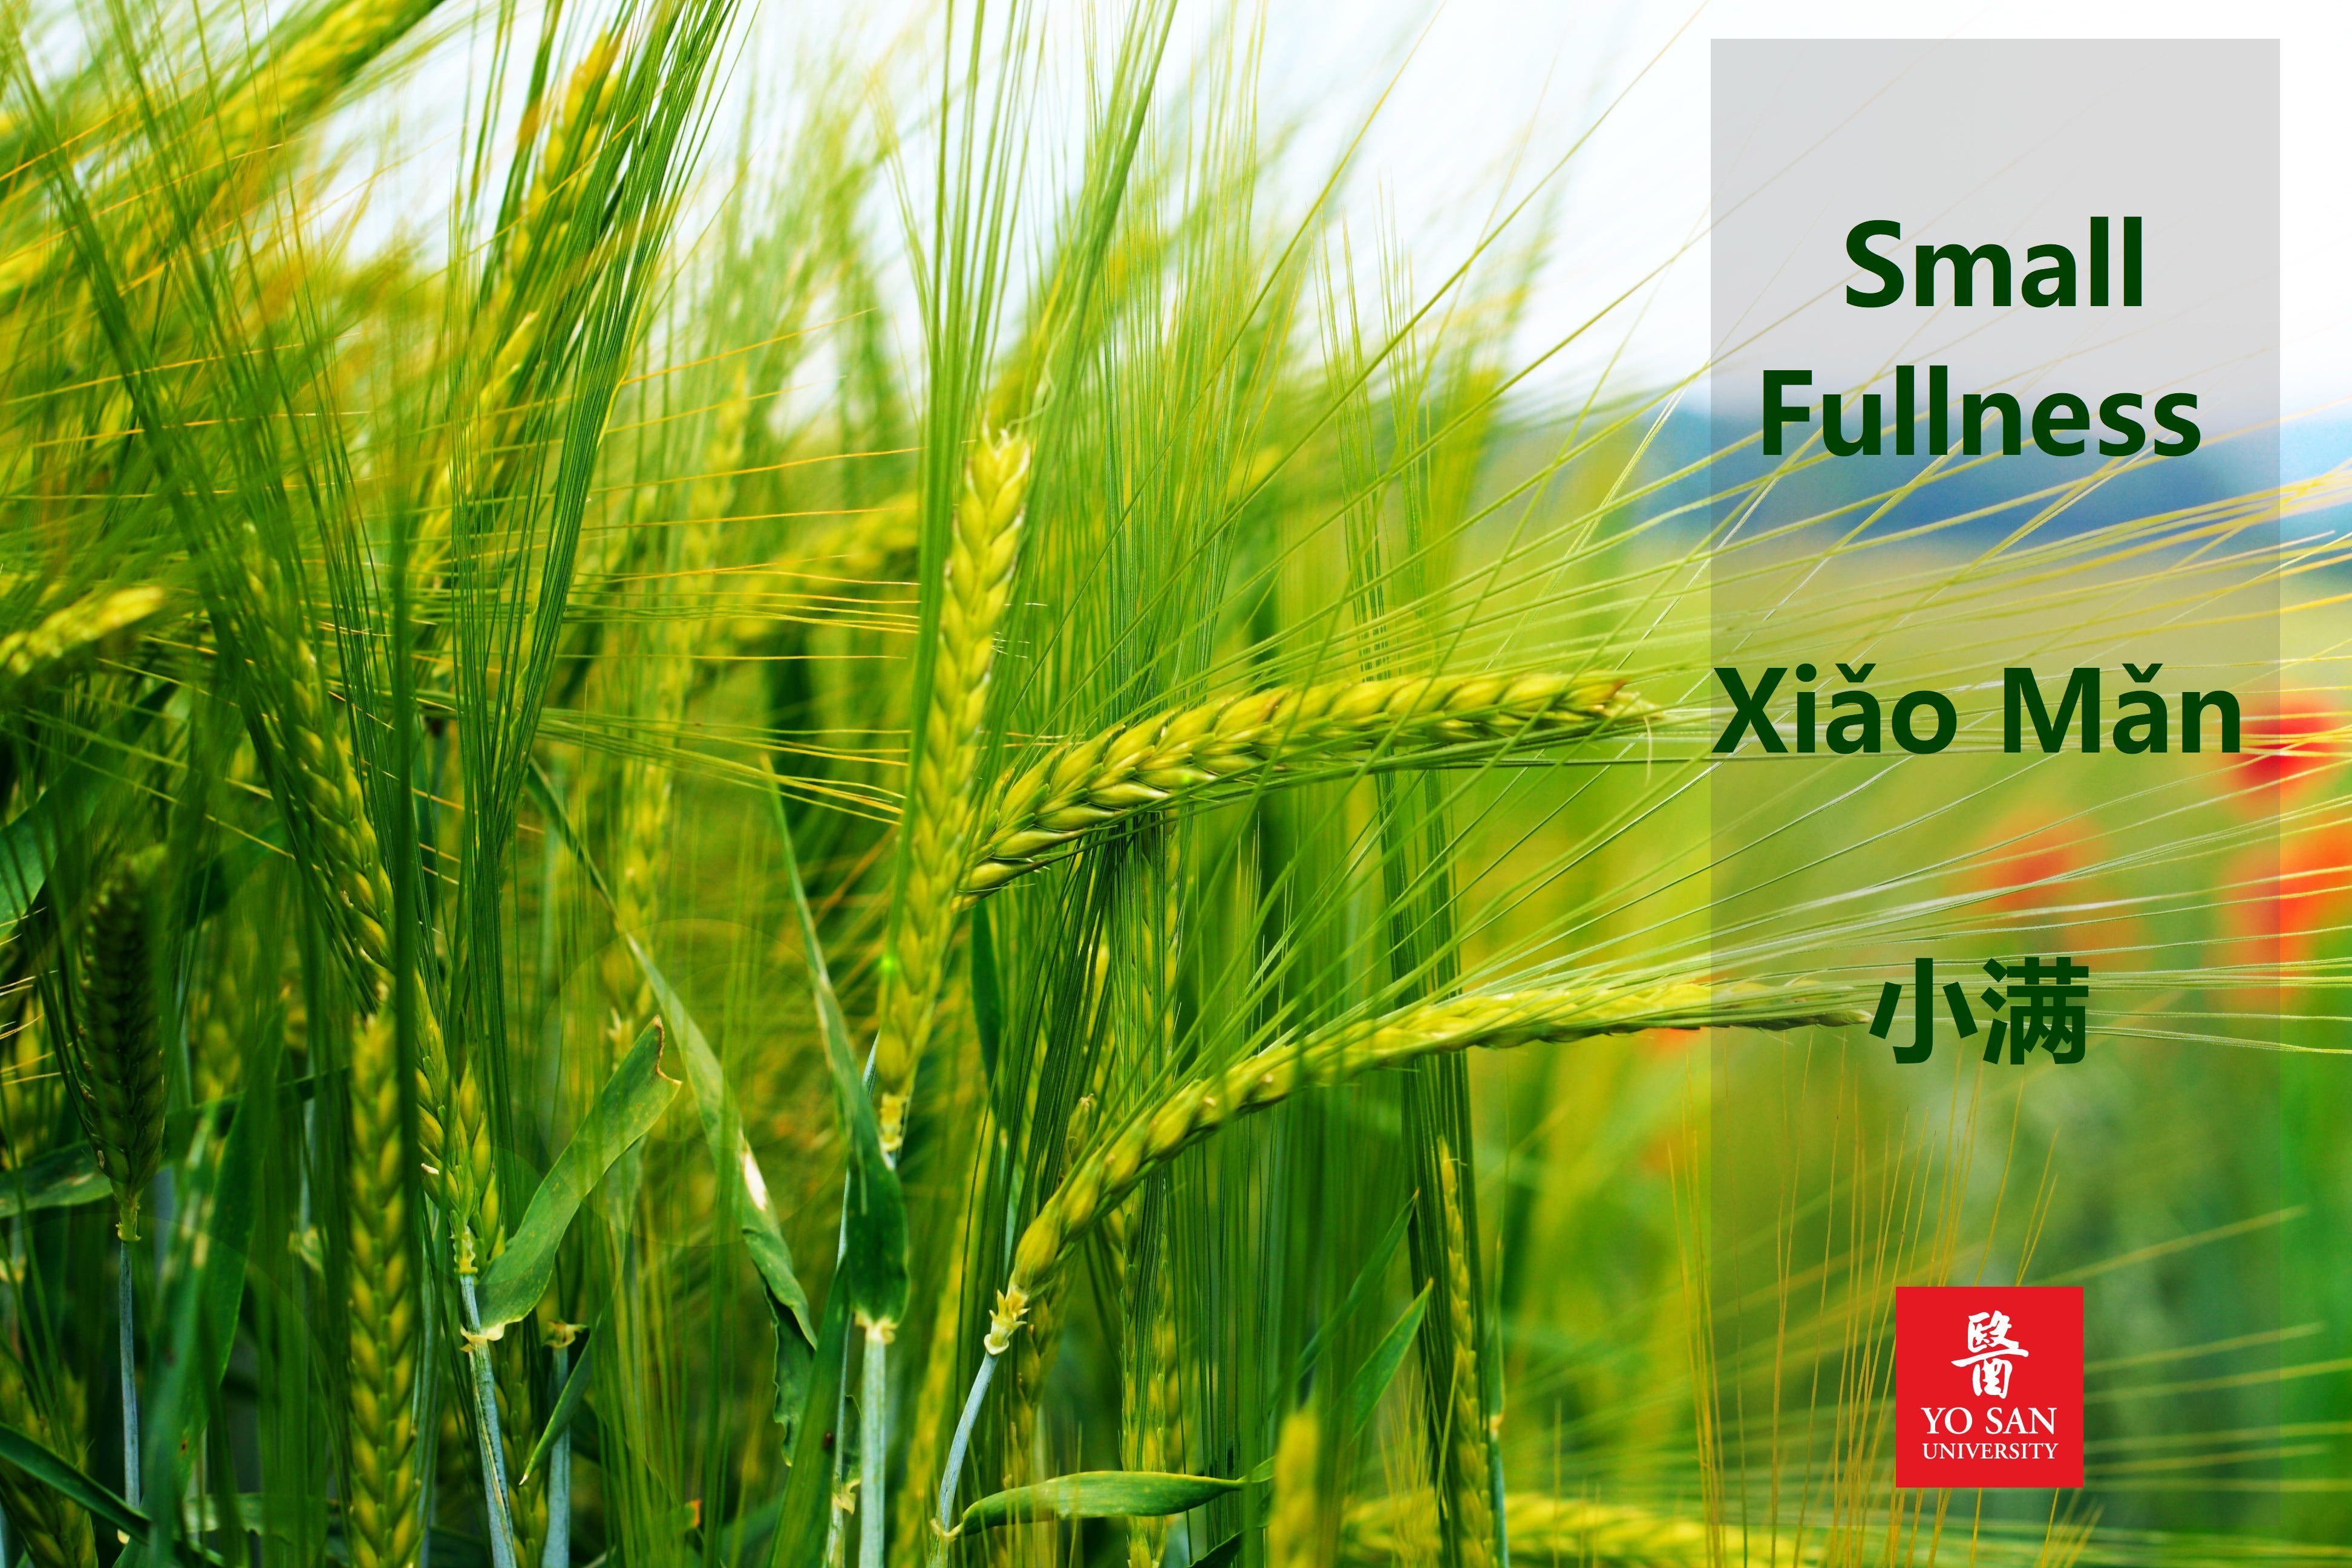 Small Fullness Xiǎo Mǎn 小满